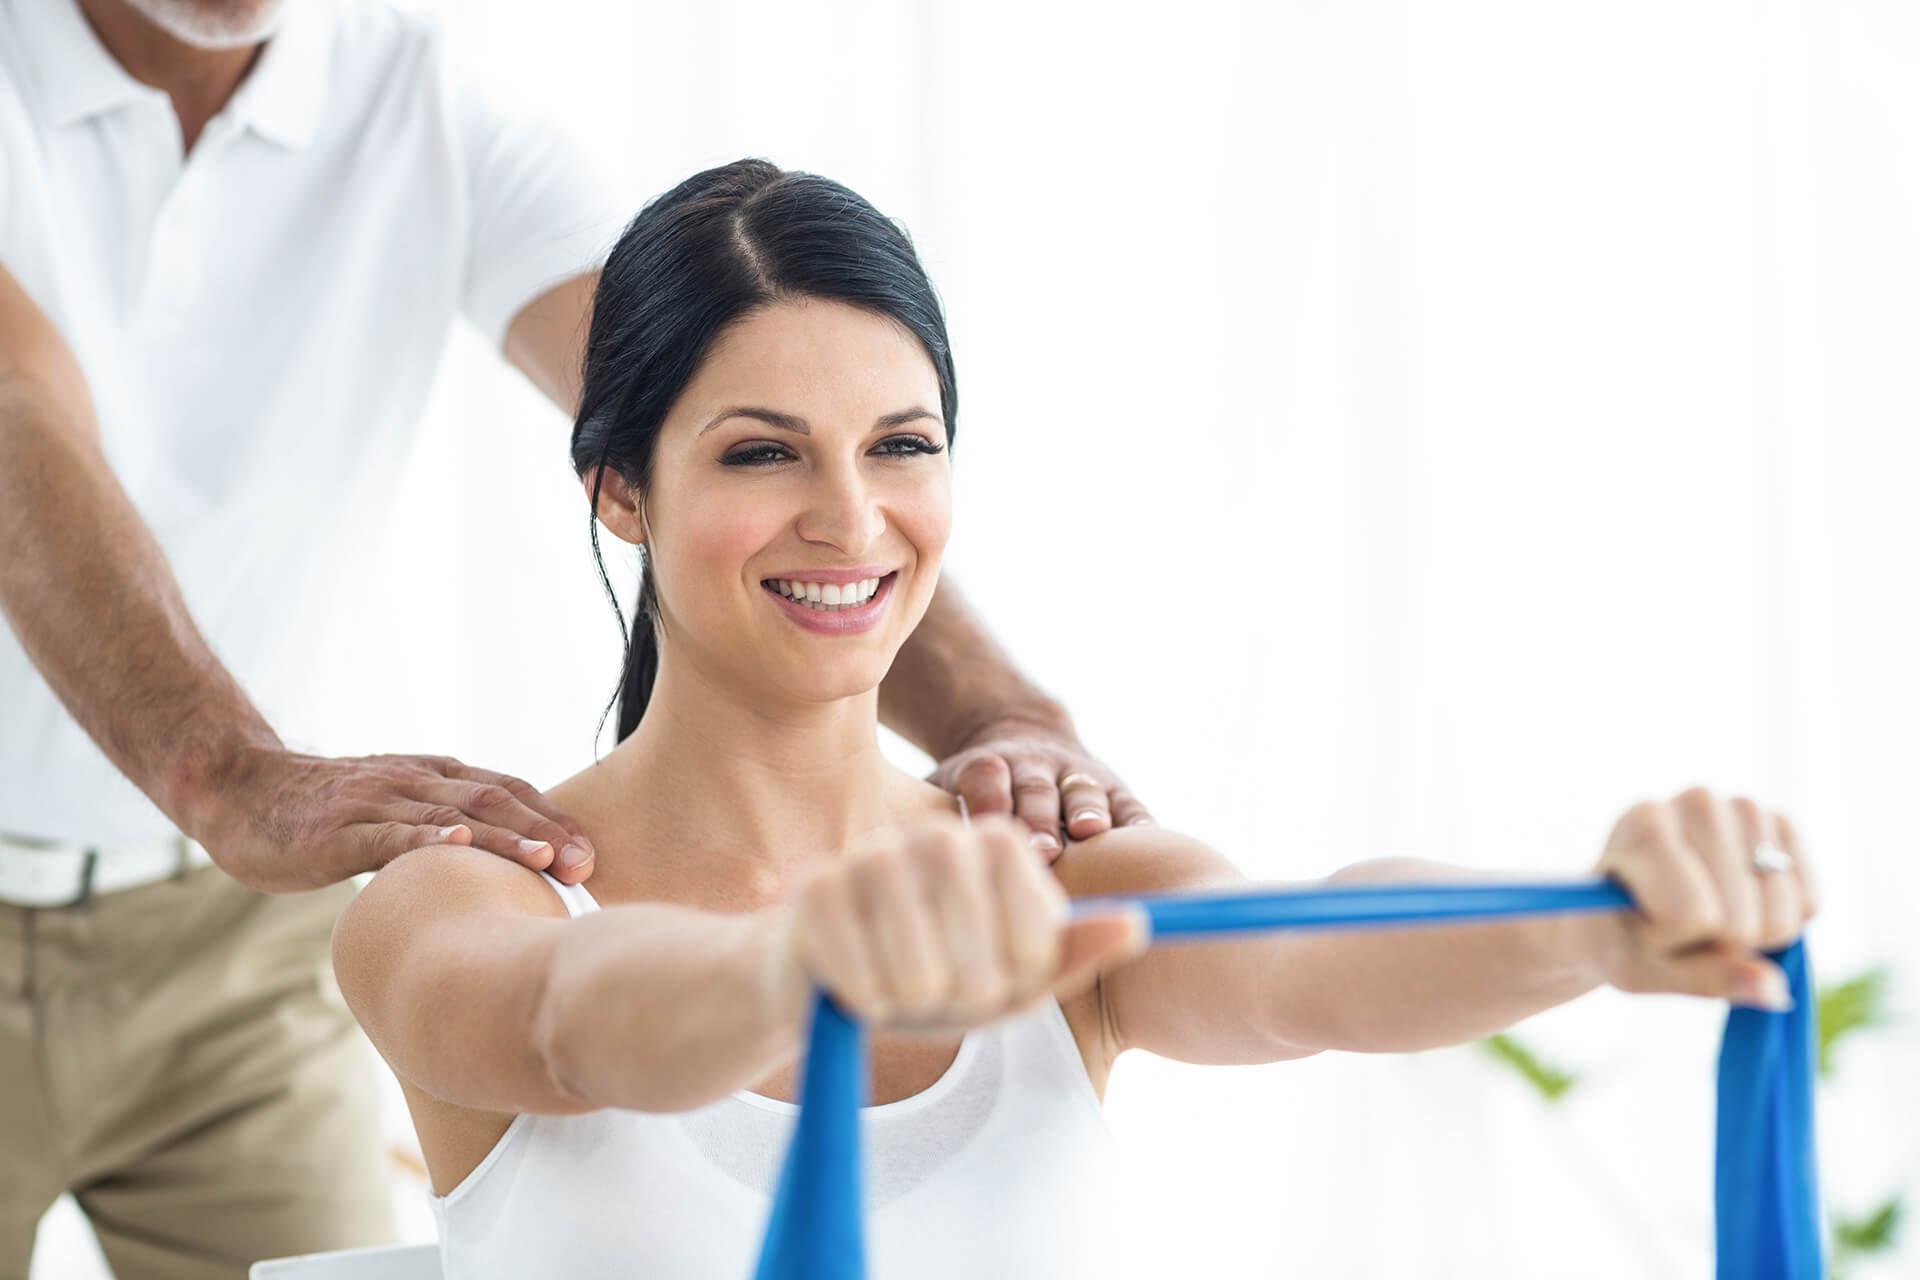 Cómo influye el encorvamiento en el dolor de hombro